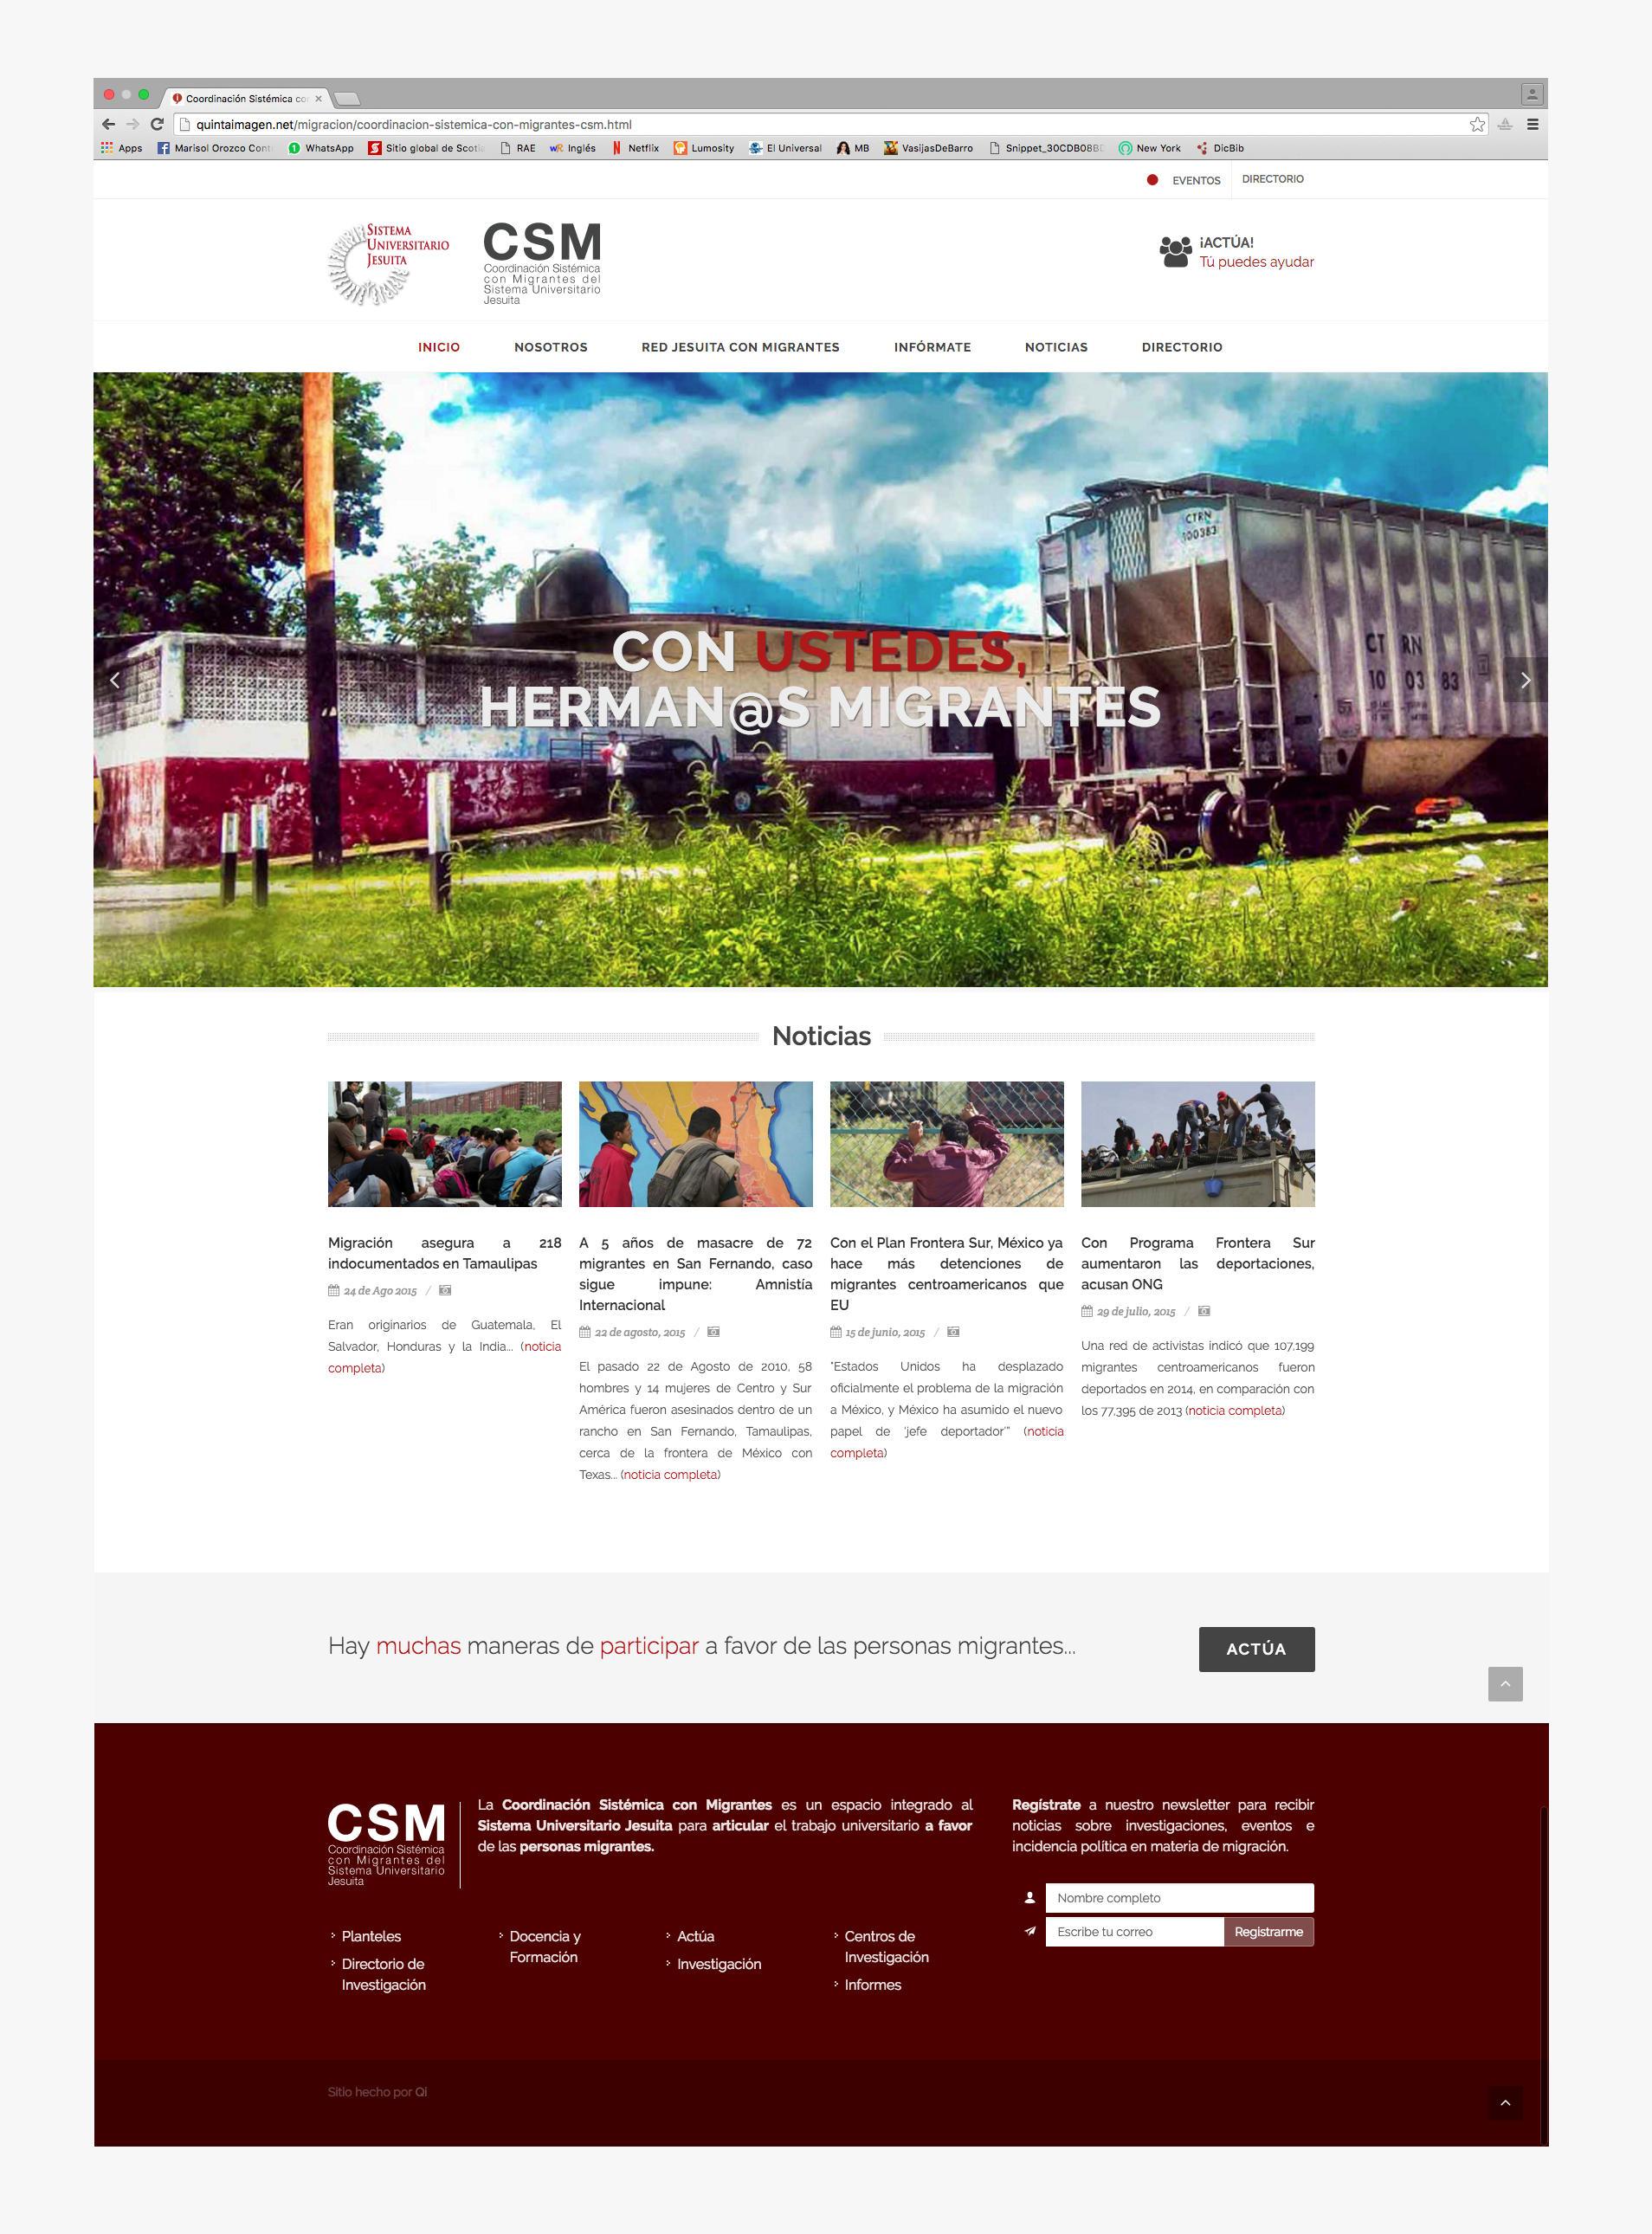 Página de inicio del sitio web de la csm